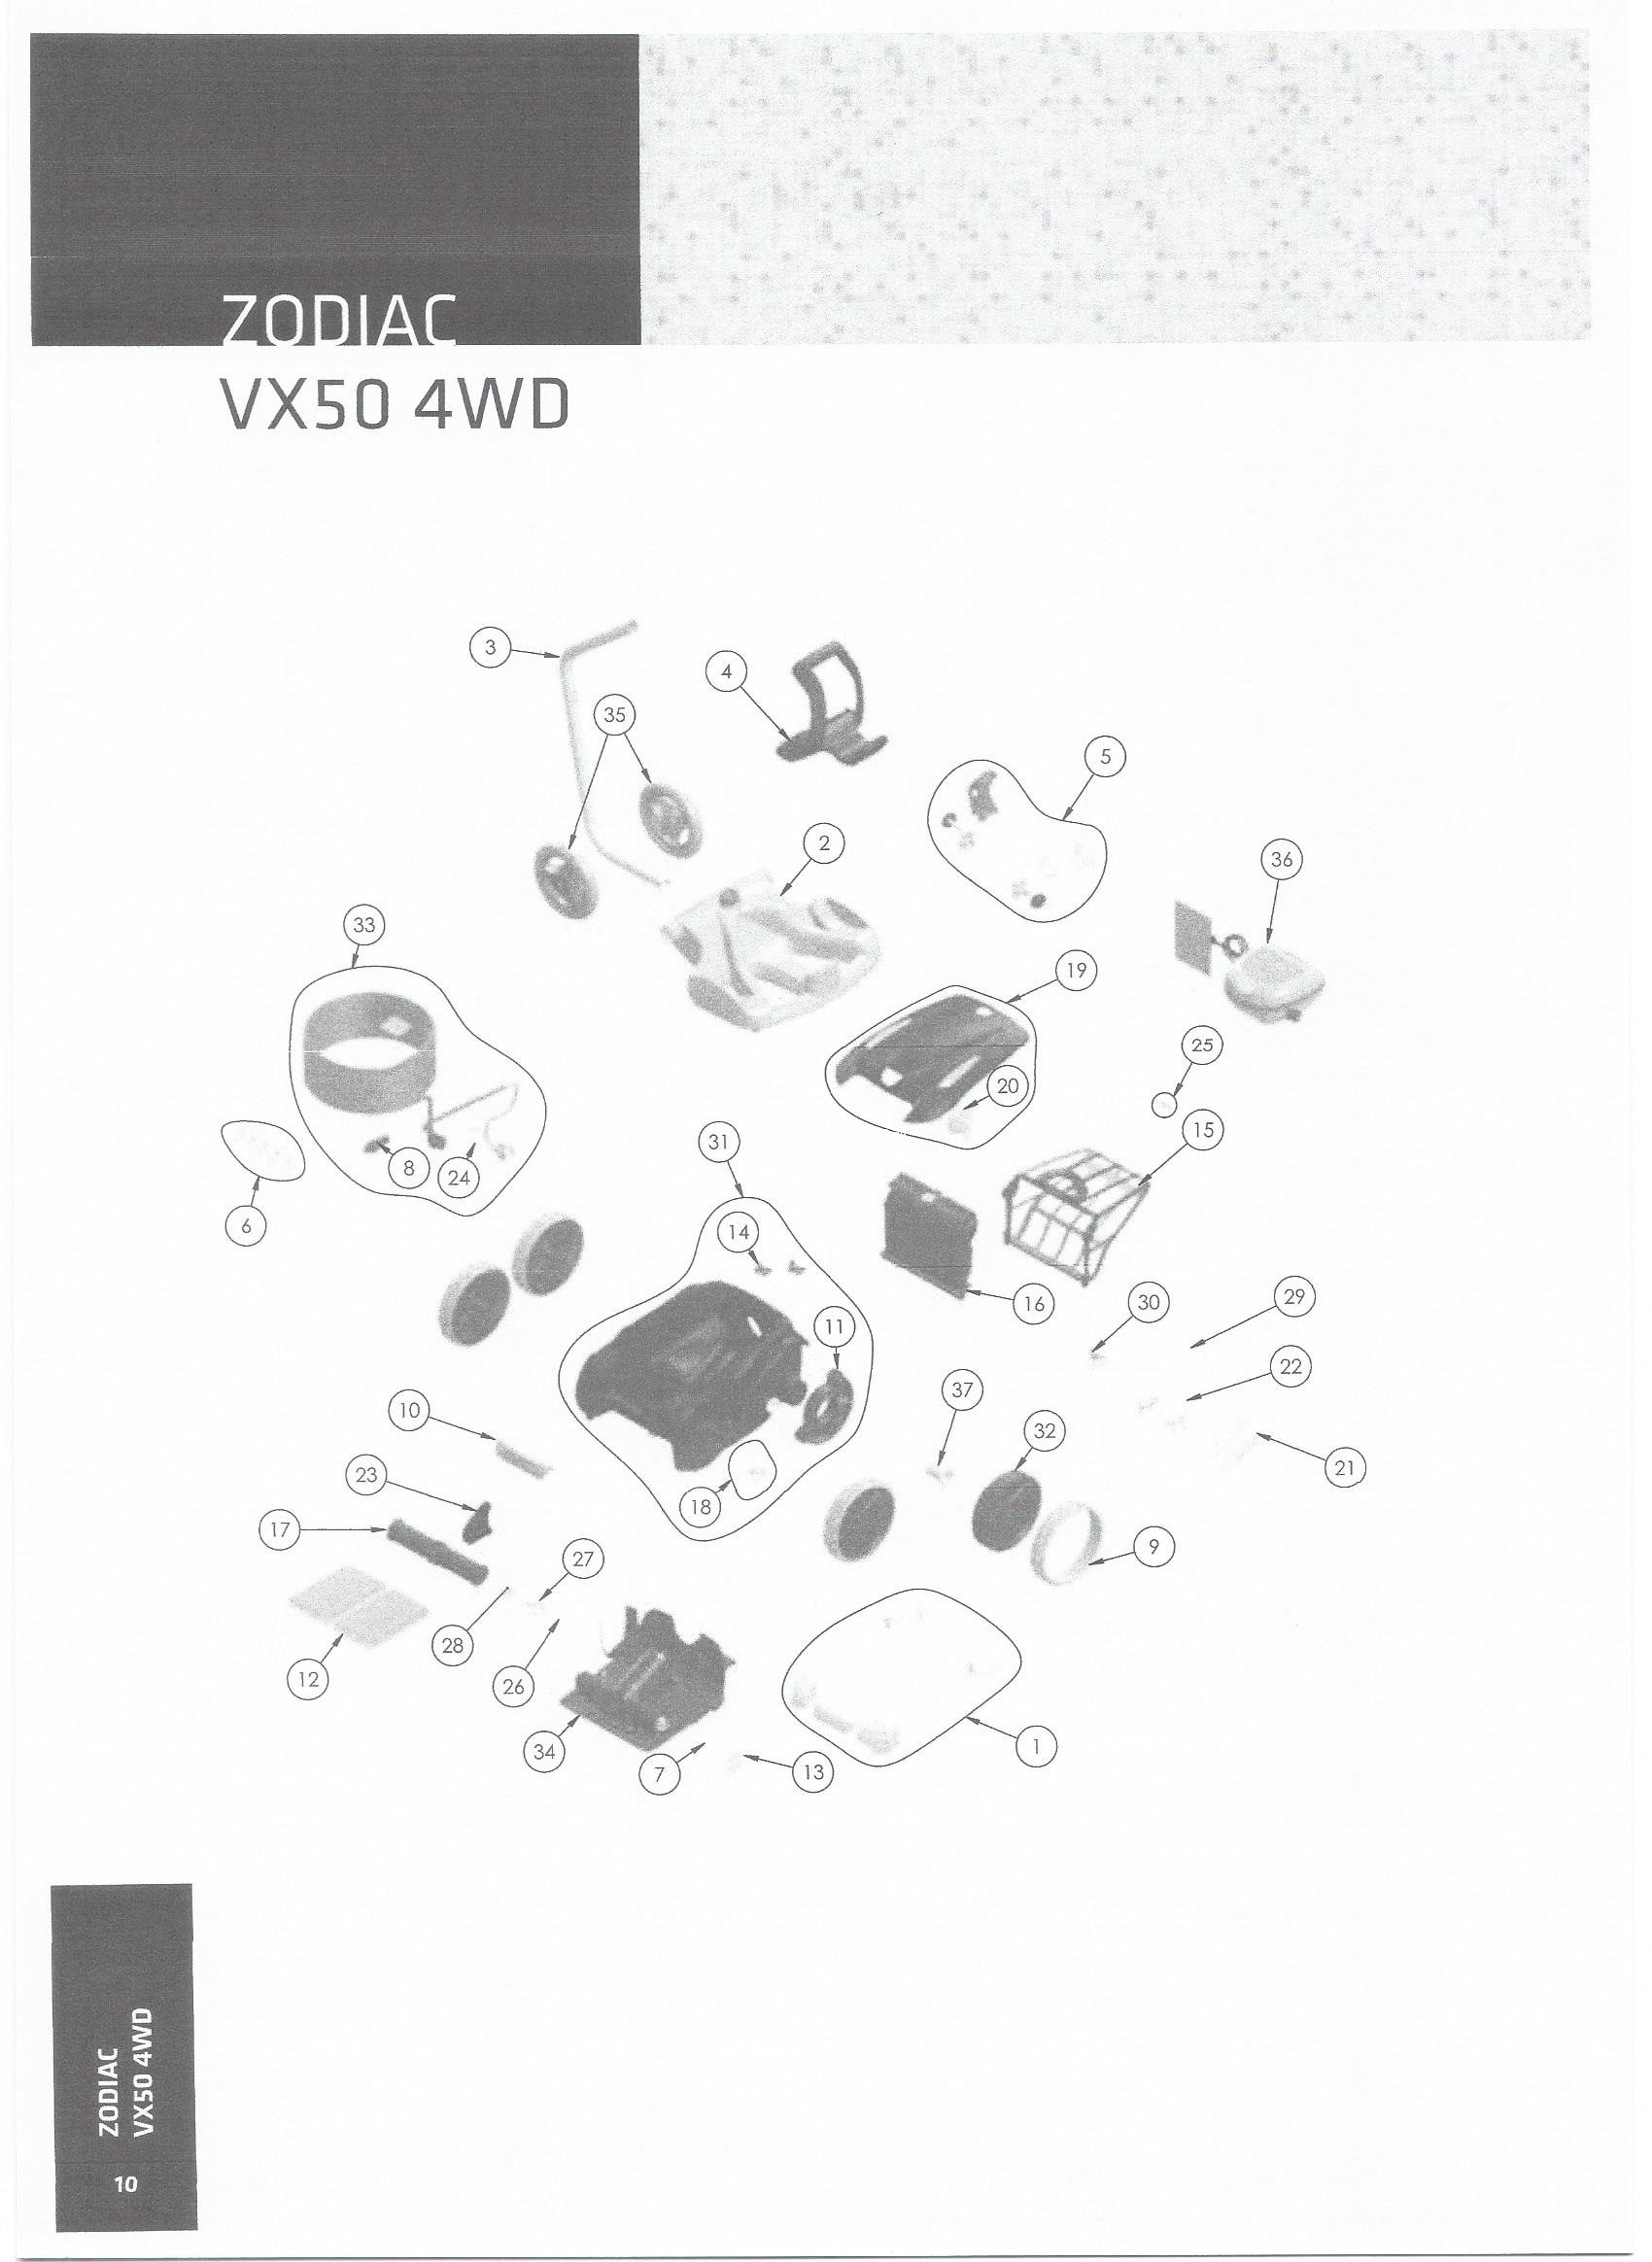 Zodiac V3 4wd Vx50 4wd Genuine Spare Parts